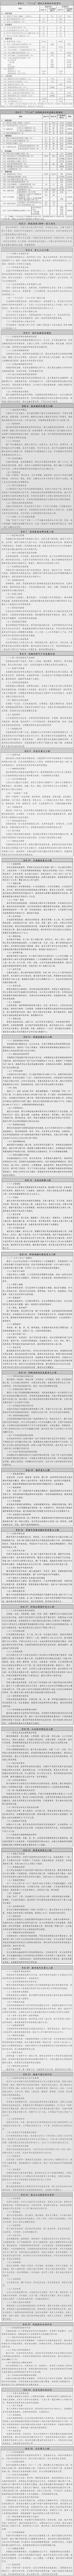 中华人民共和国国民经济和社会发展第十三个五年规划纲要